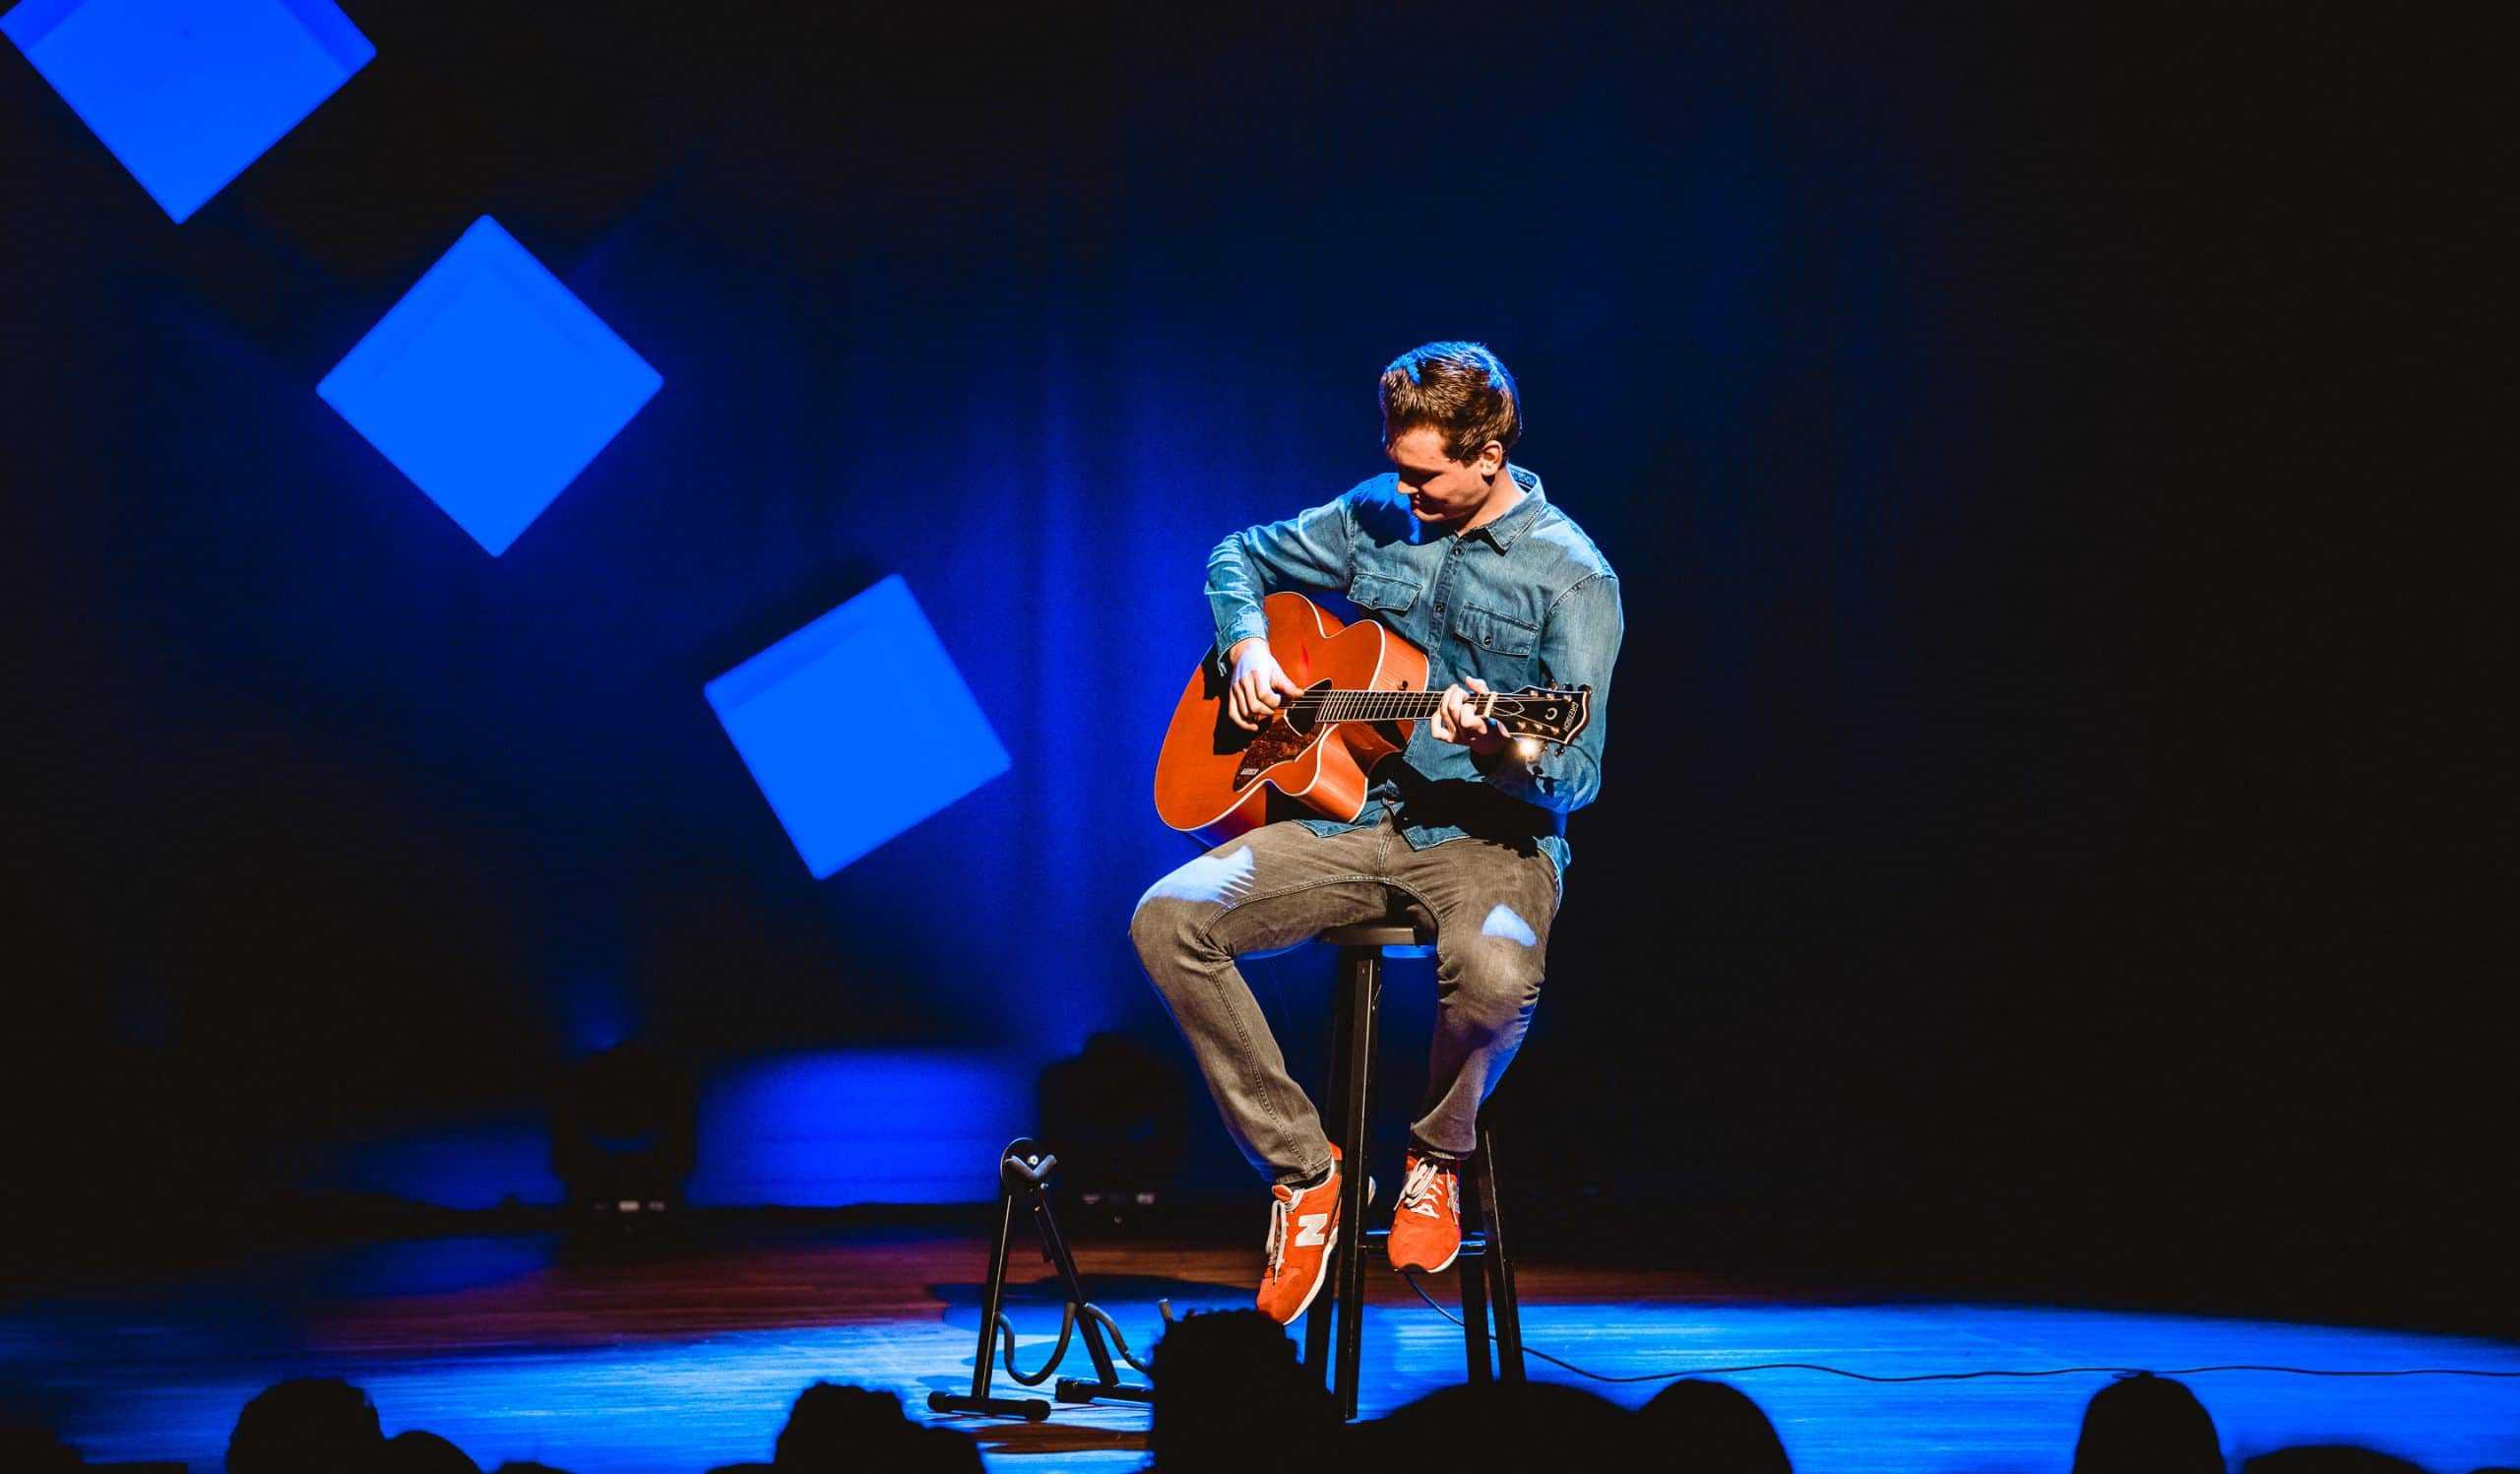 cabaratier in actie met gitaar